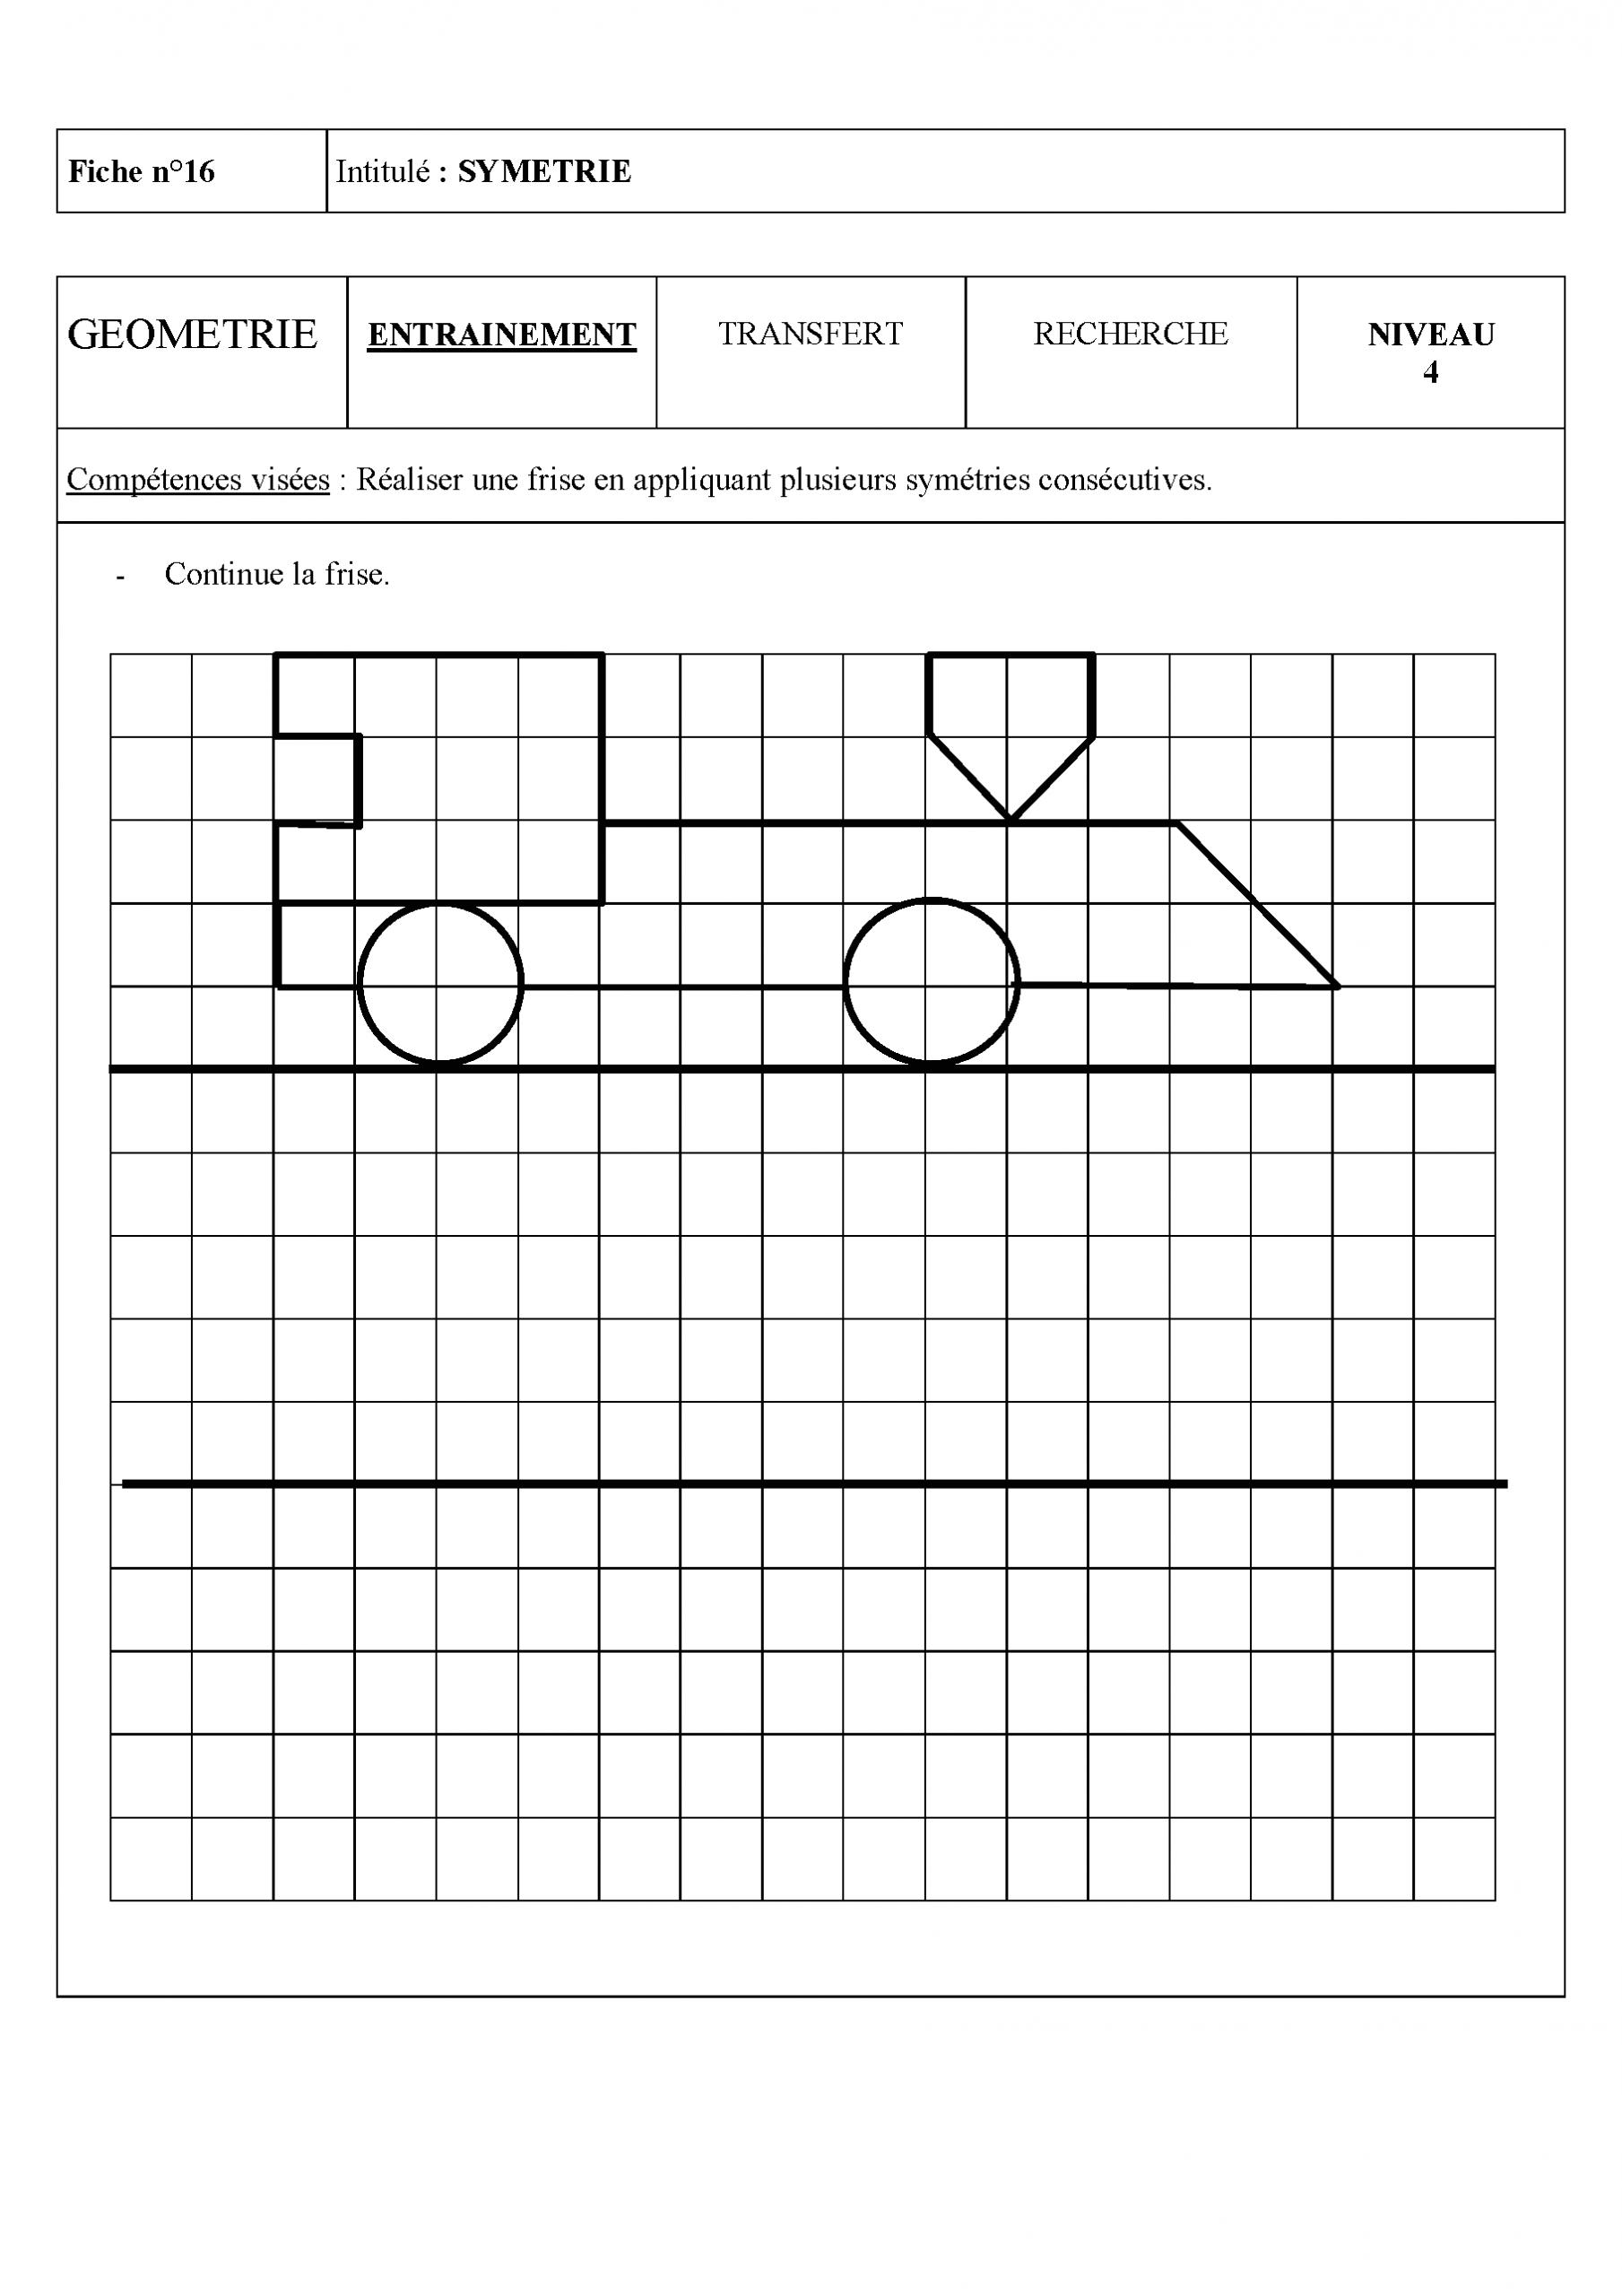 Épinglé Sur School / Ecole dedans Exercice Symétrie Ce1